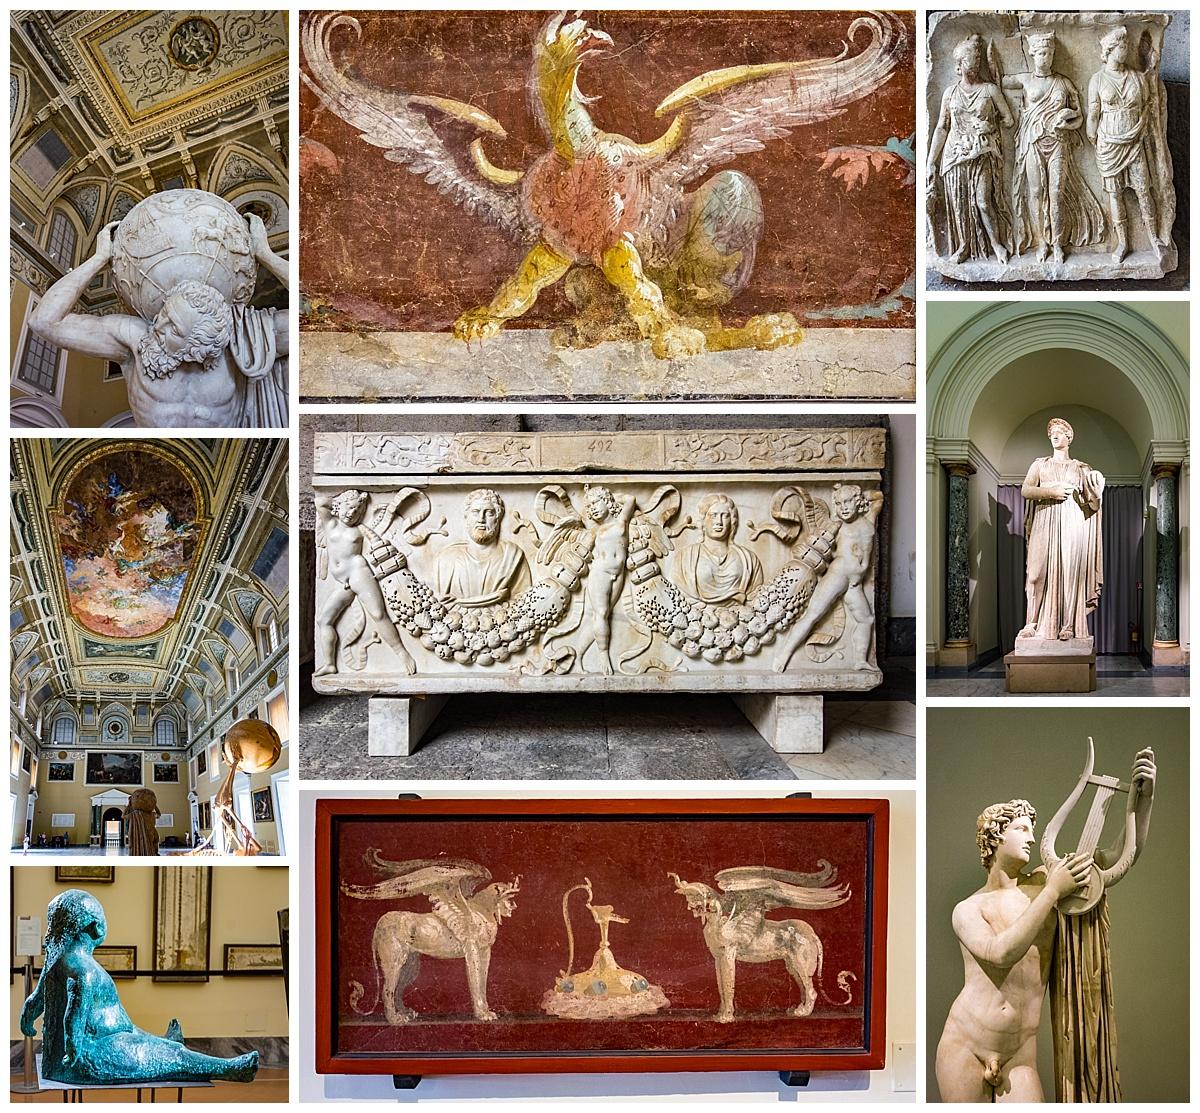 Naples, Italy - museum